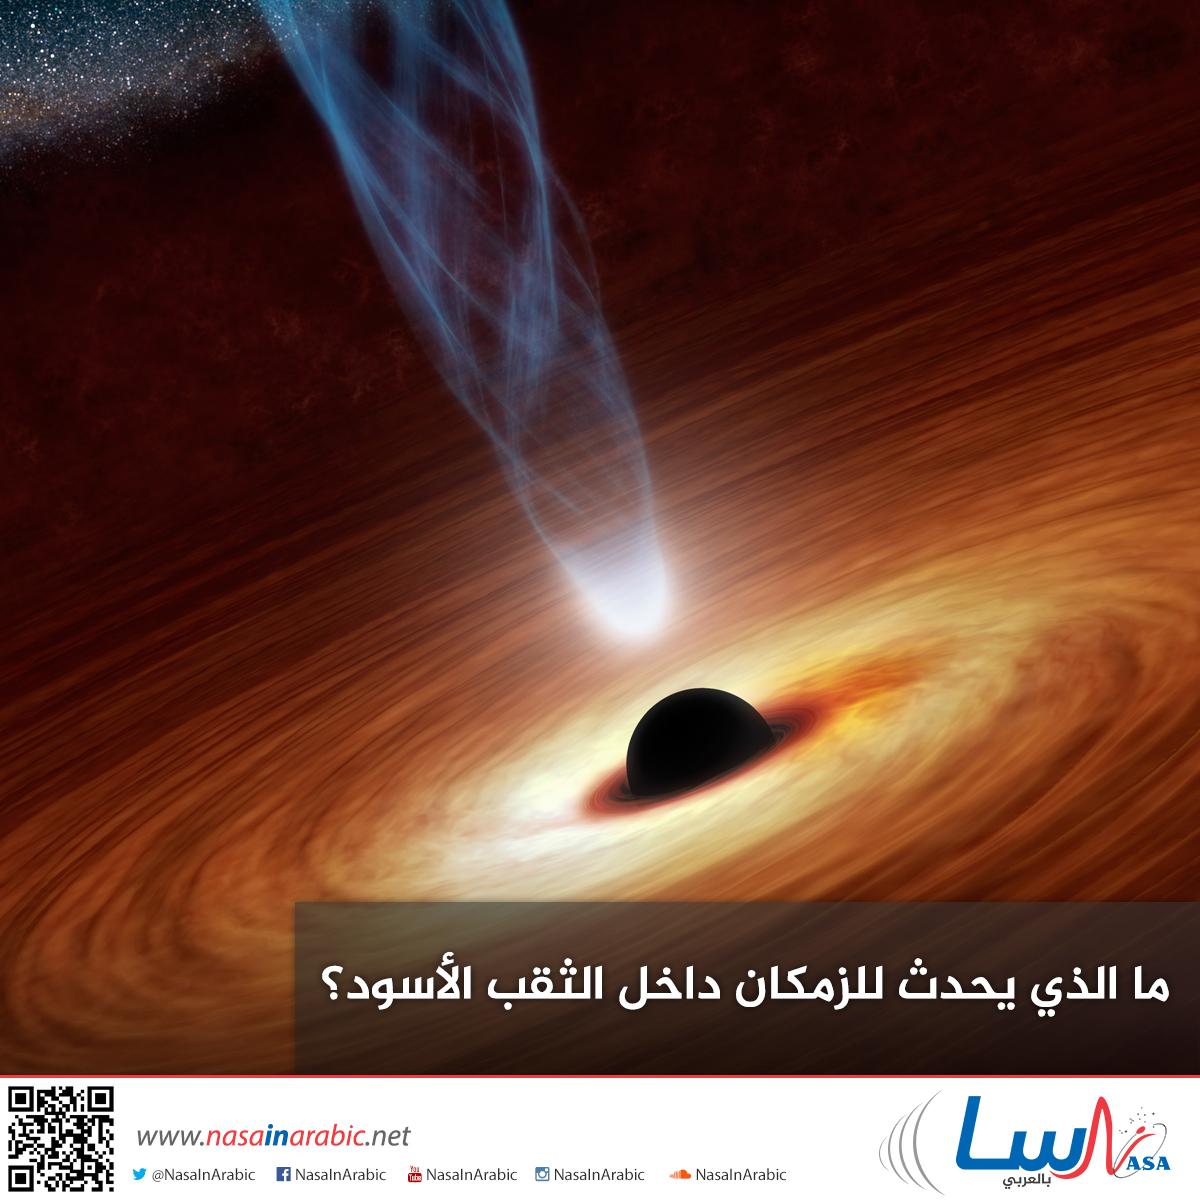 ما الذي يحدث للزمكان داخل الثقب الأسود؟